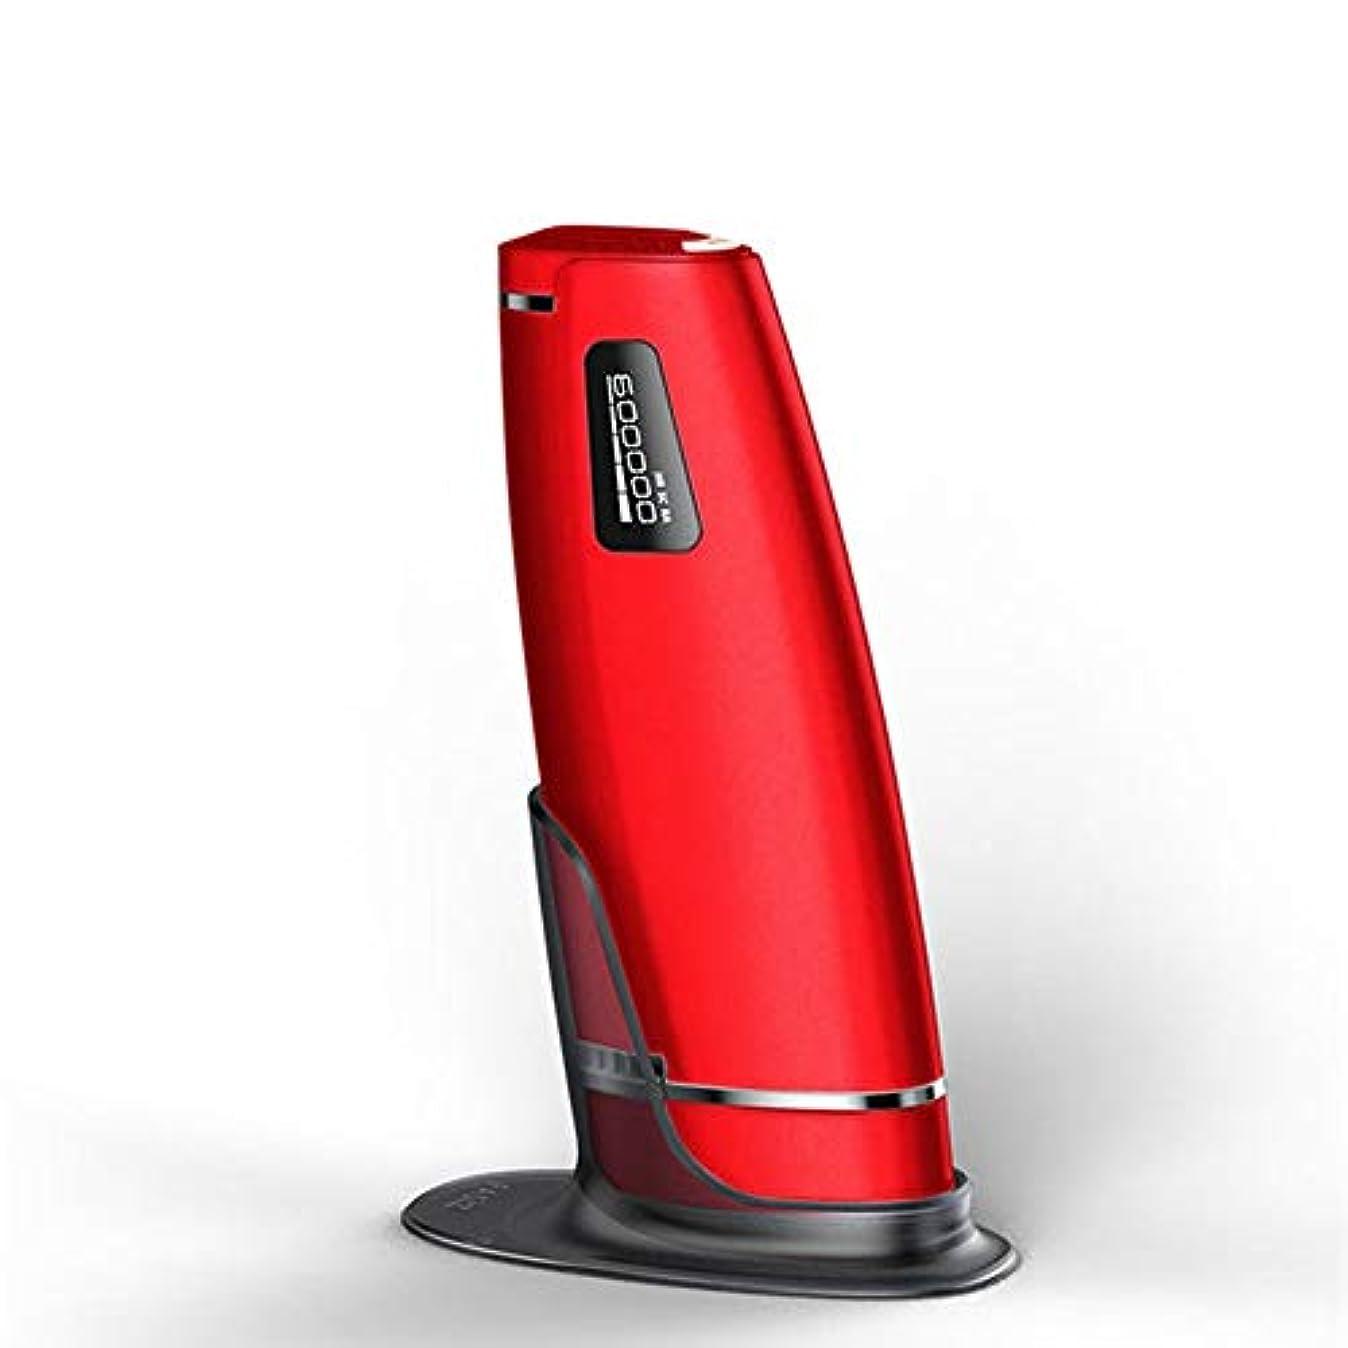 名目上の鉄短くするNuanxin 赤、デュアルモード、ホームオートマチック無痛脱毛剤、携帯用永久脱毛剤、5スピード調整、サイズ20.5 X 4.5 X 7 Cm F30 (Color : Red)